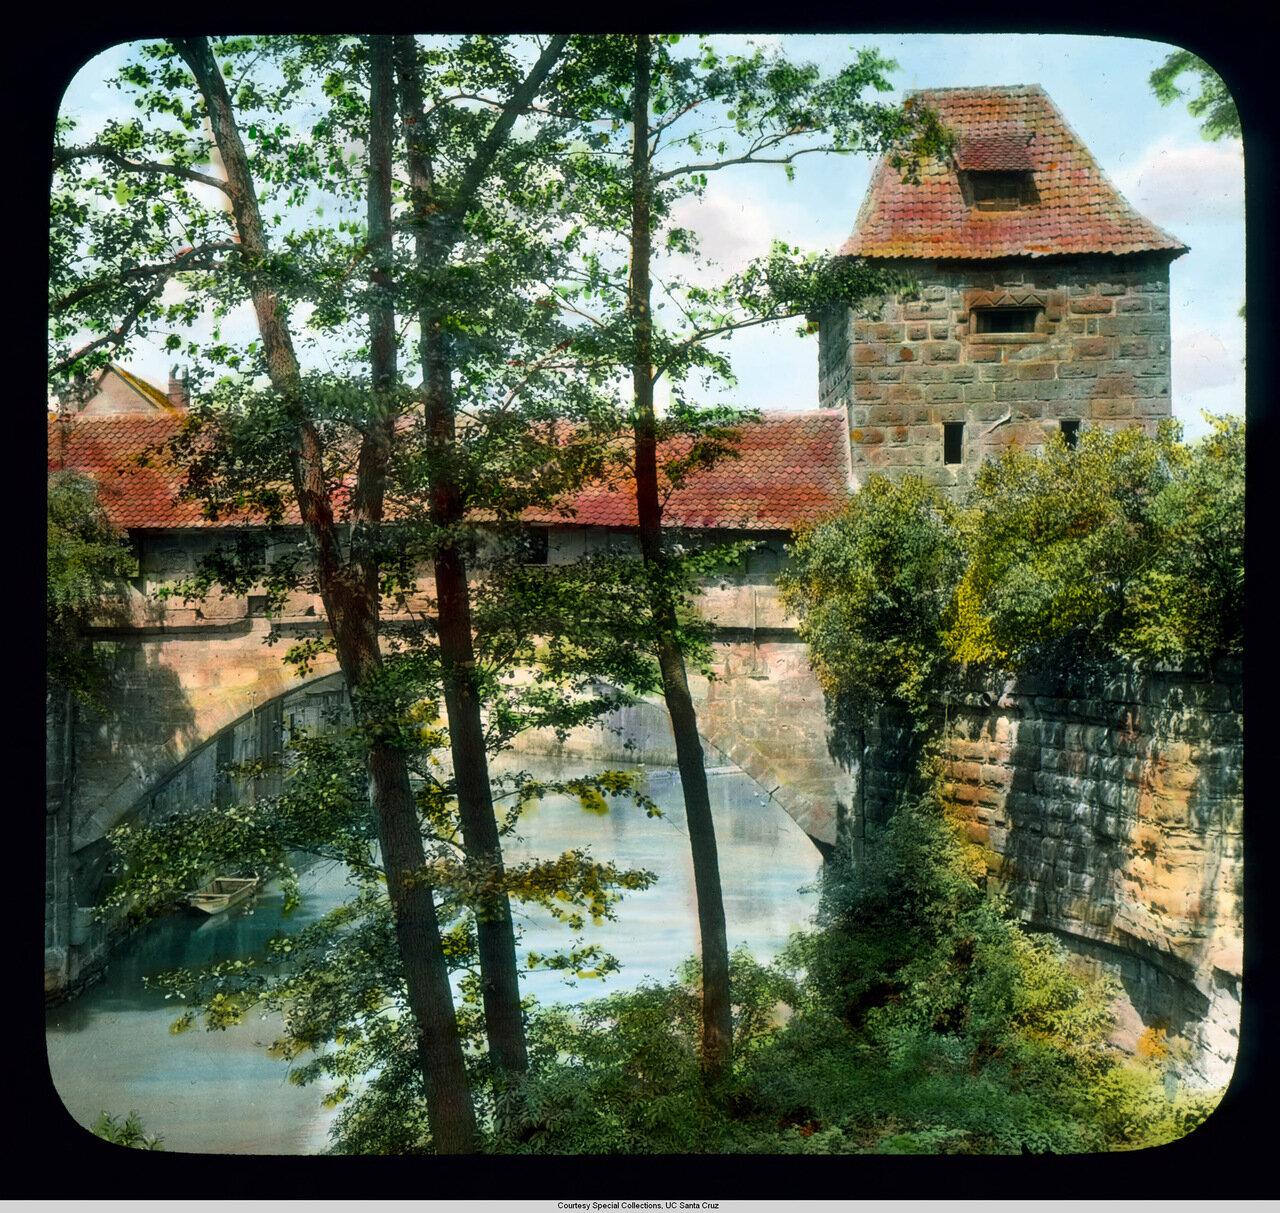 Нюрнберг. Река Пегниц и городские стены (14 век)